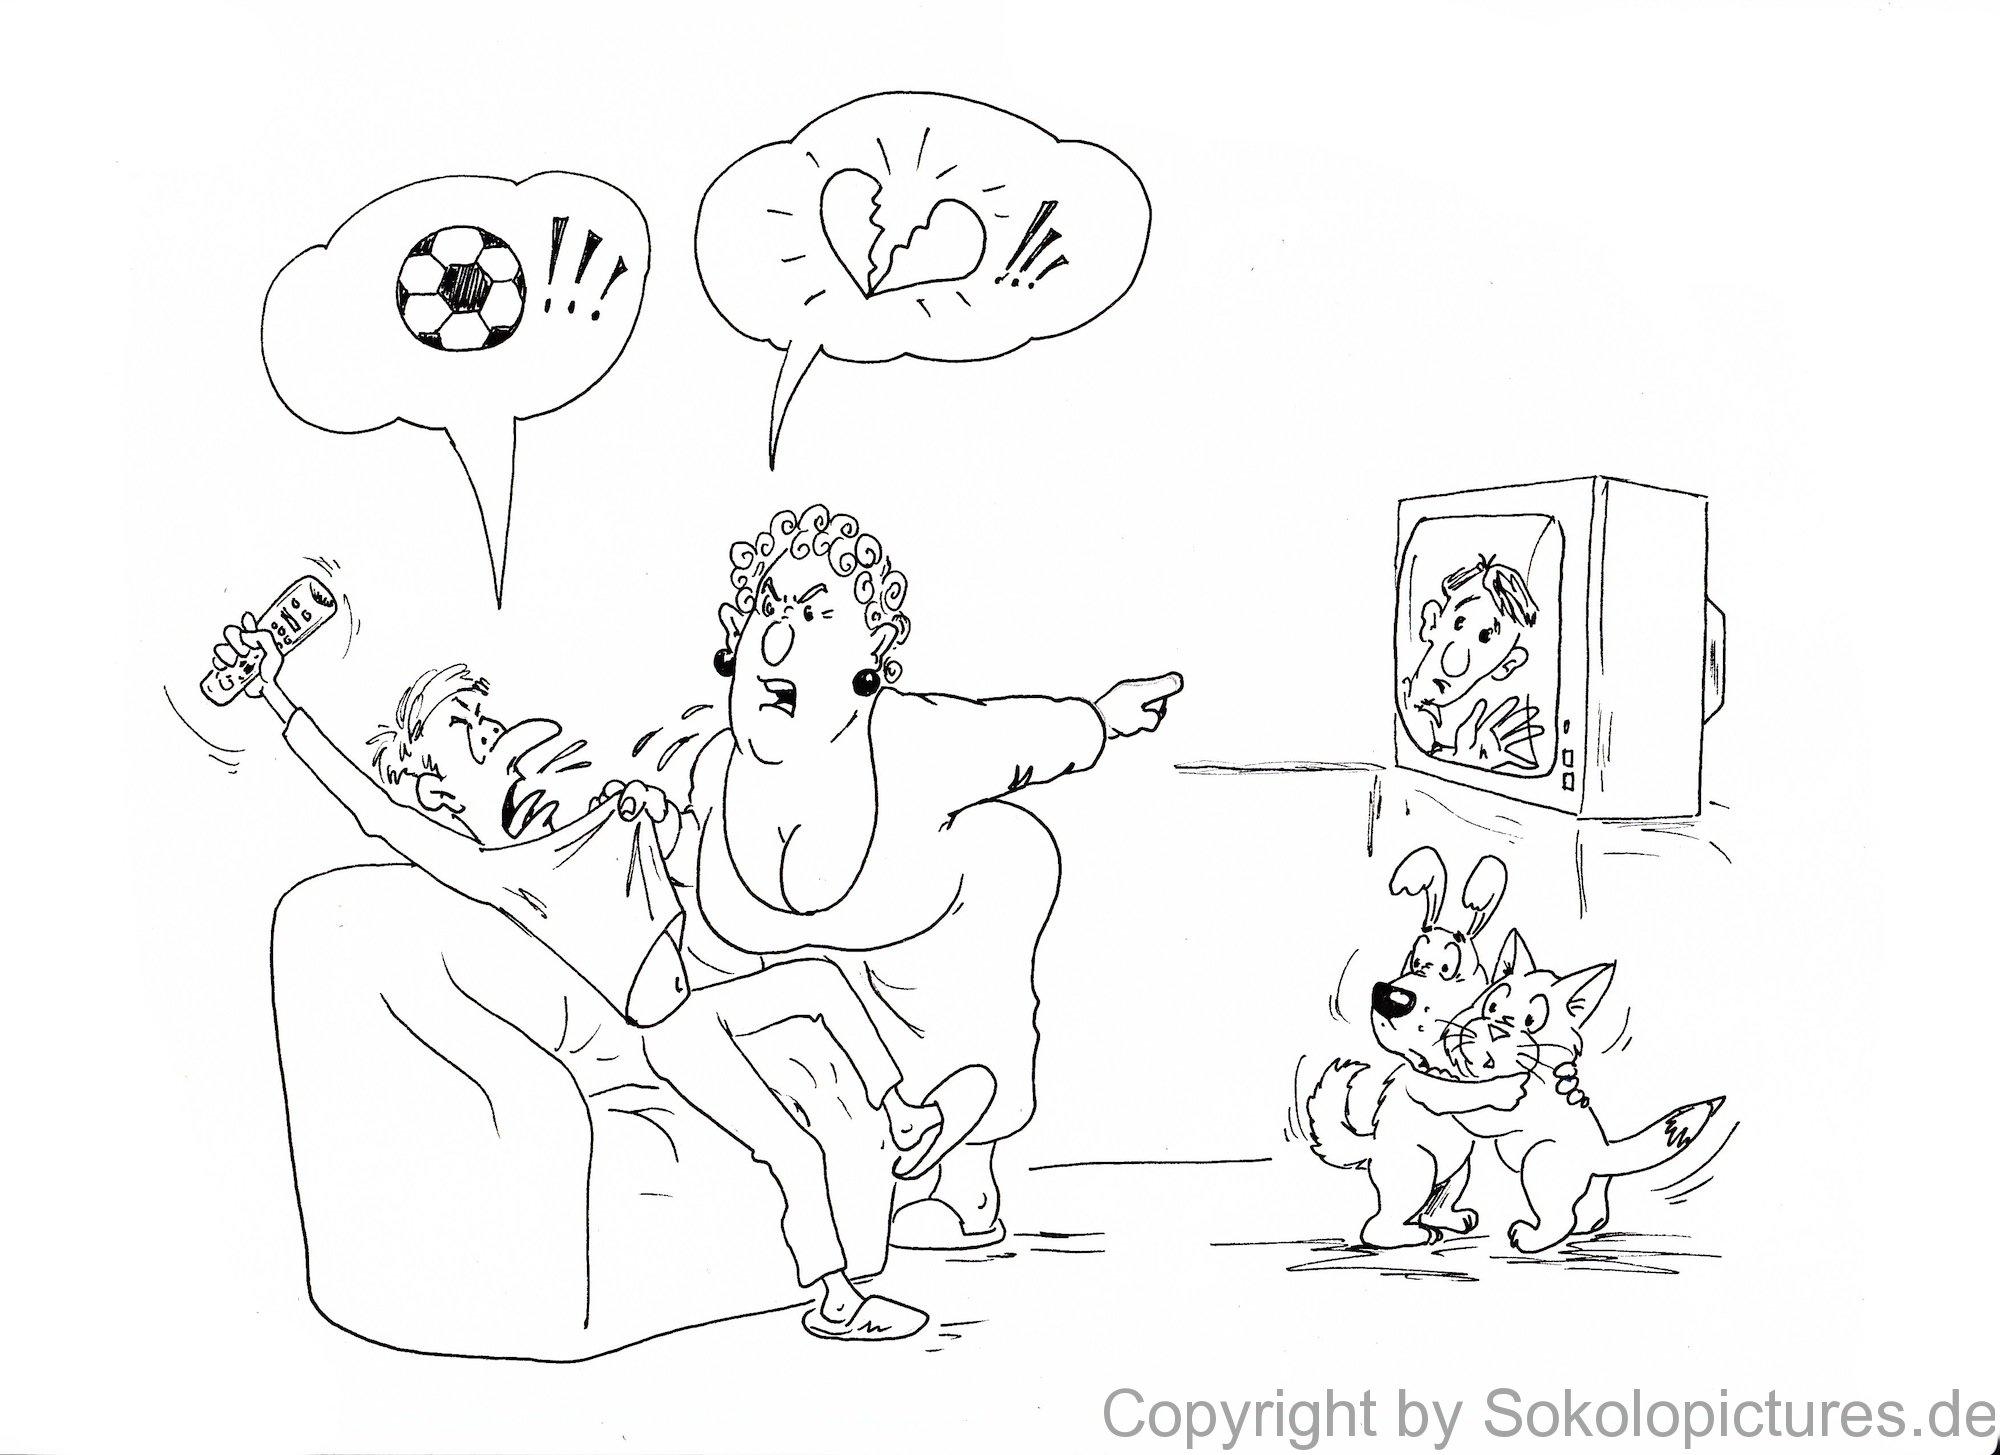 karikatur027